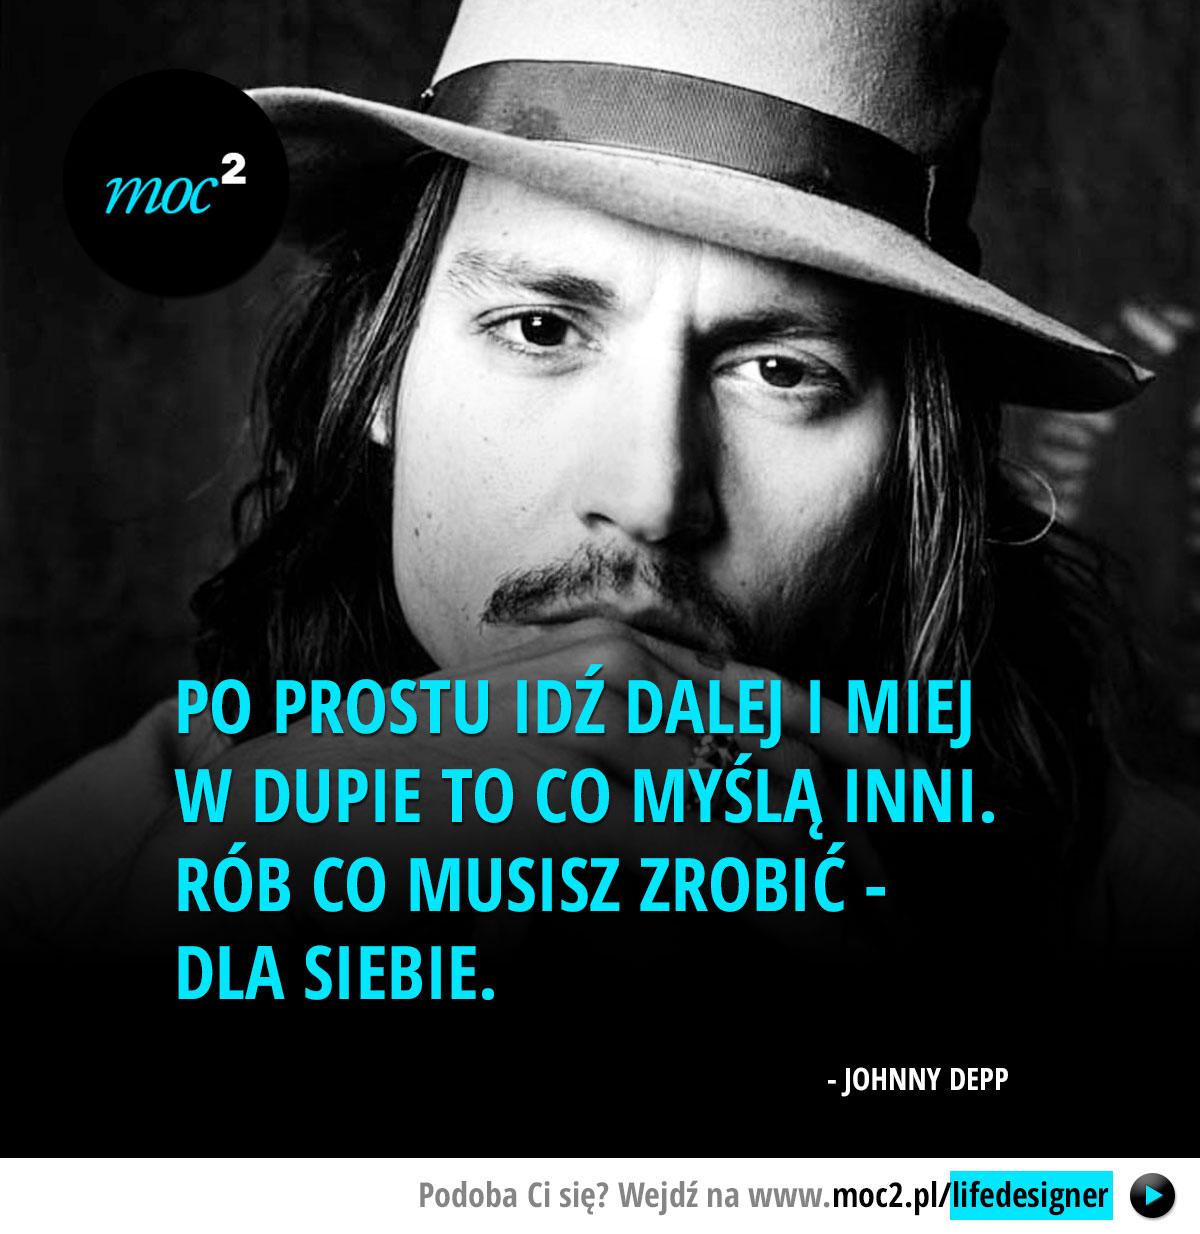 Po prostu idź dalej i miej w dupie to co myślą inni. Rób co musisz zrobić - dla siebie. - Johnny Depp